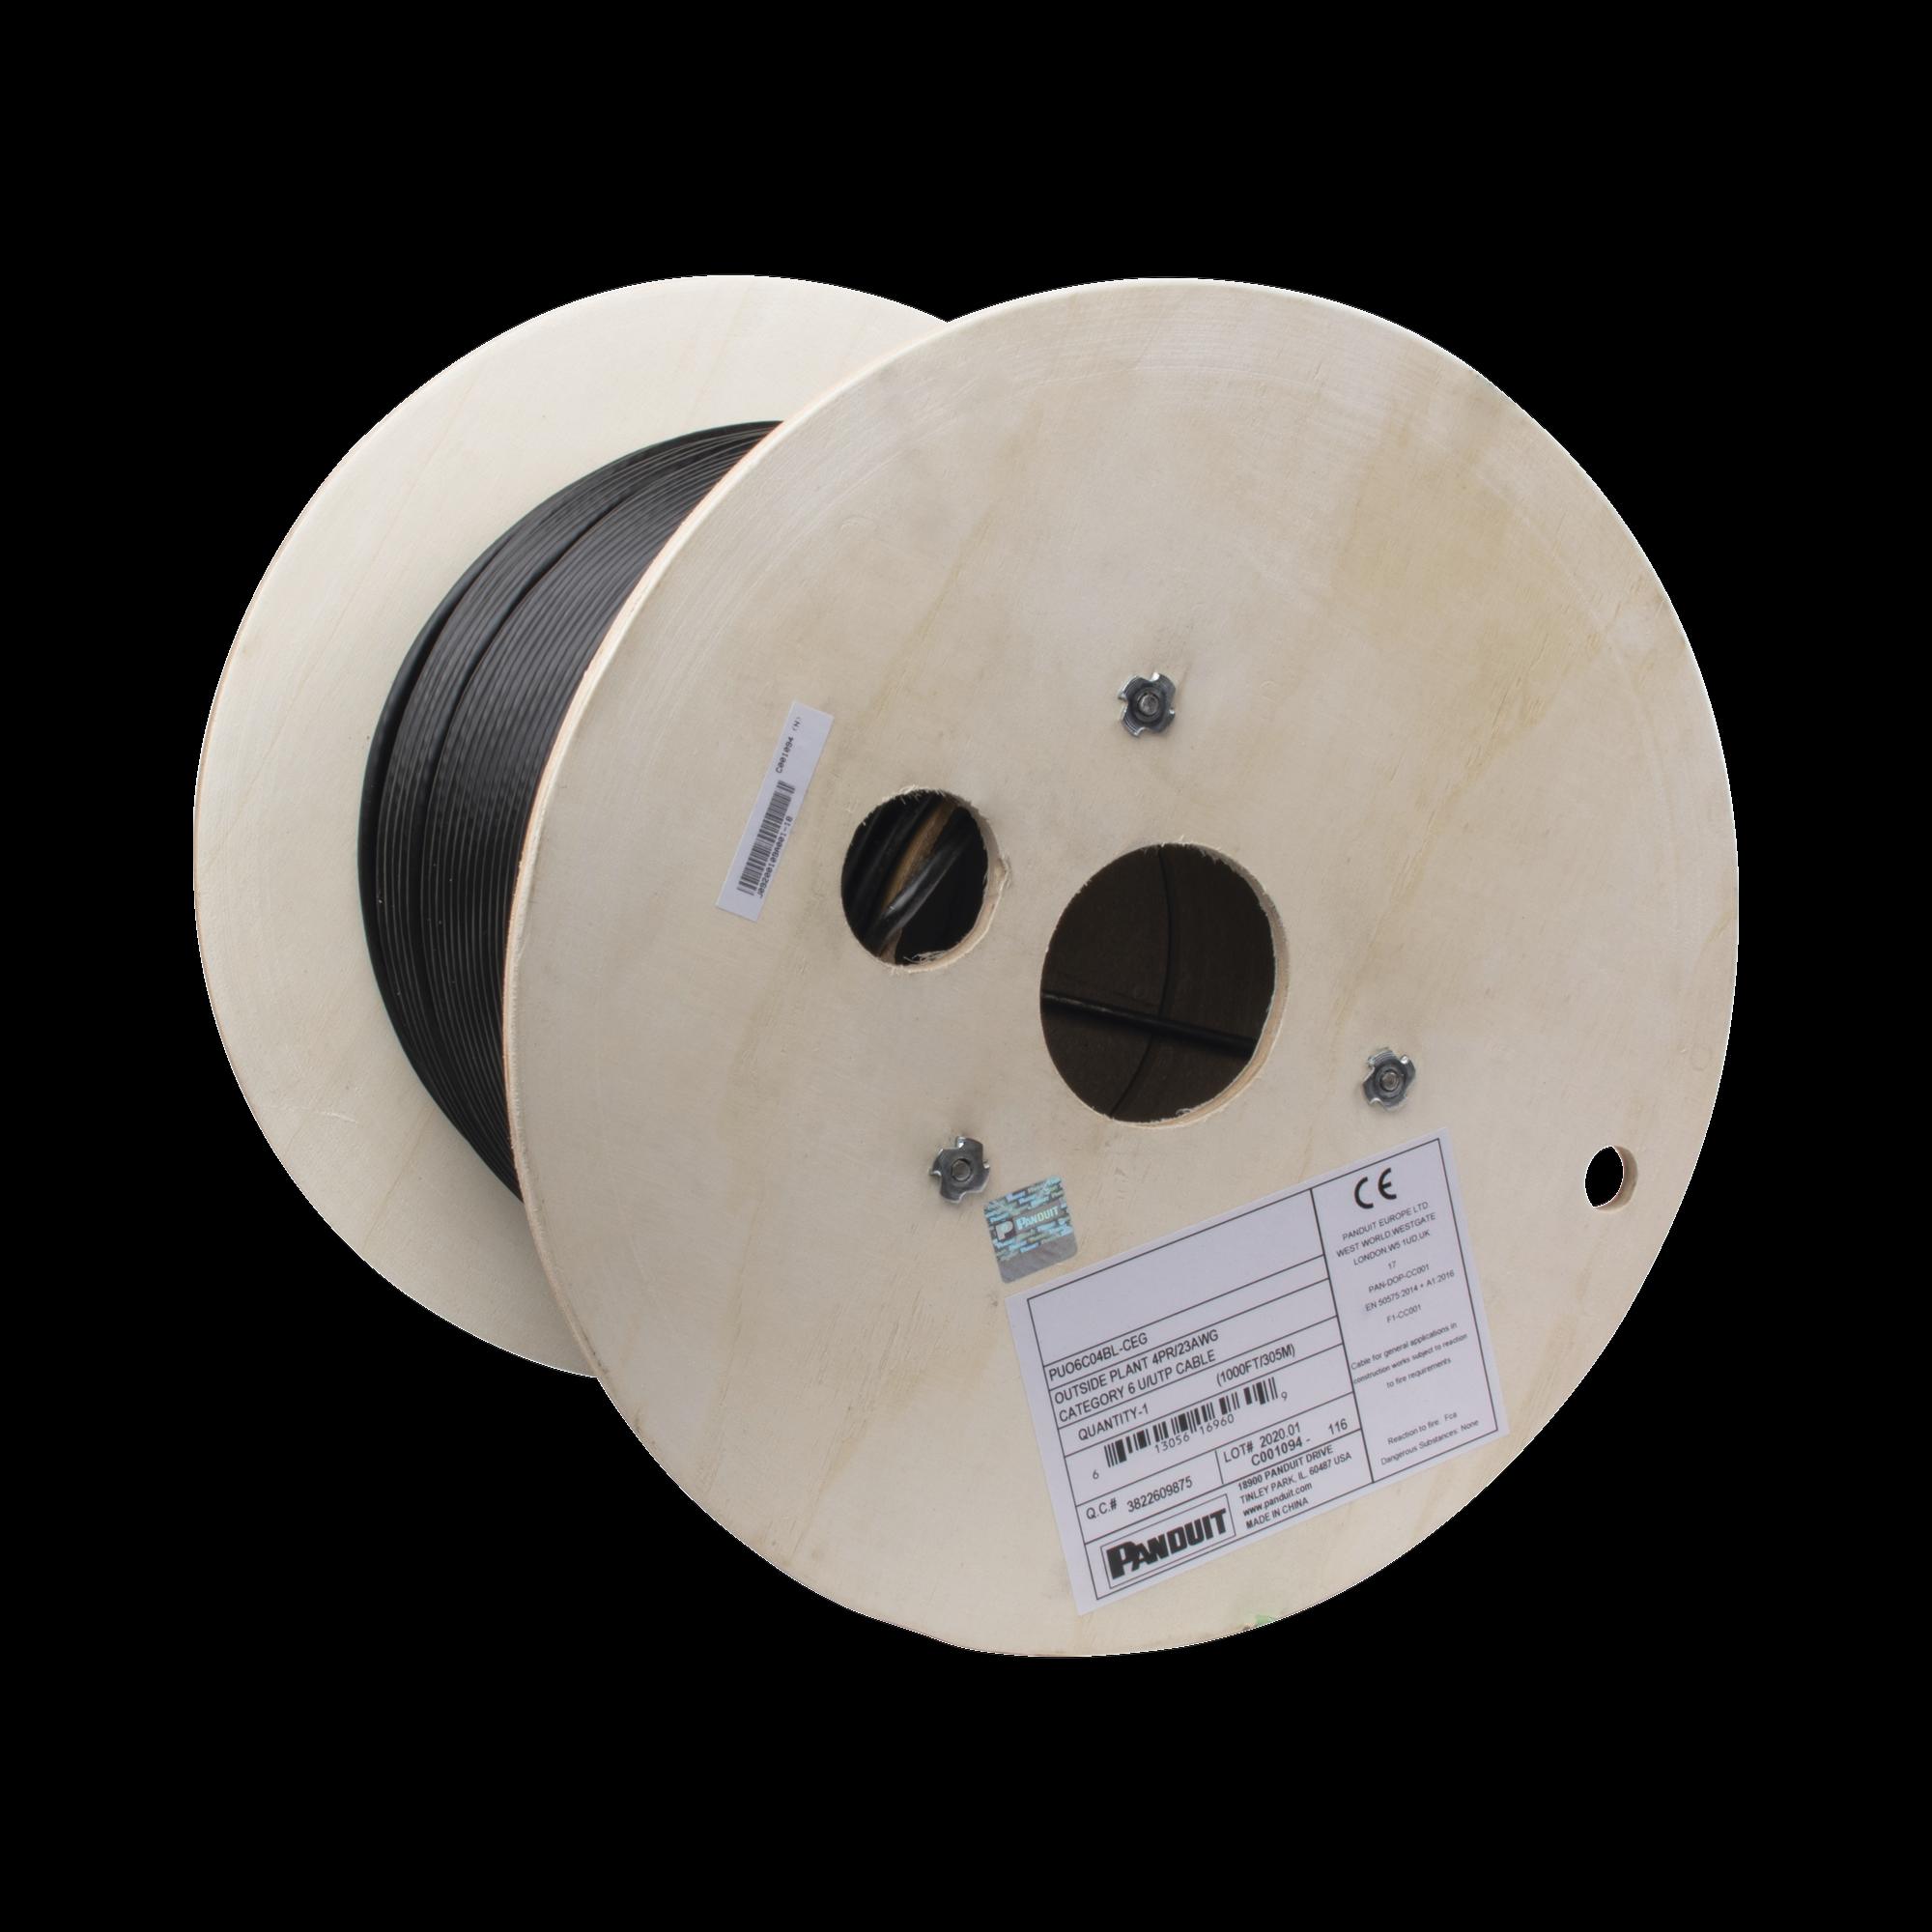 Bobina de Cable UTP de 4 Pares, PanNet, Para Exterior con Gel, Cat6 (23 AWG), Industrial para Climas Extremos, Color Negro, 305 m